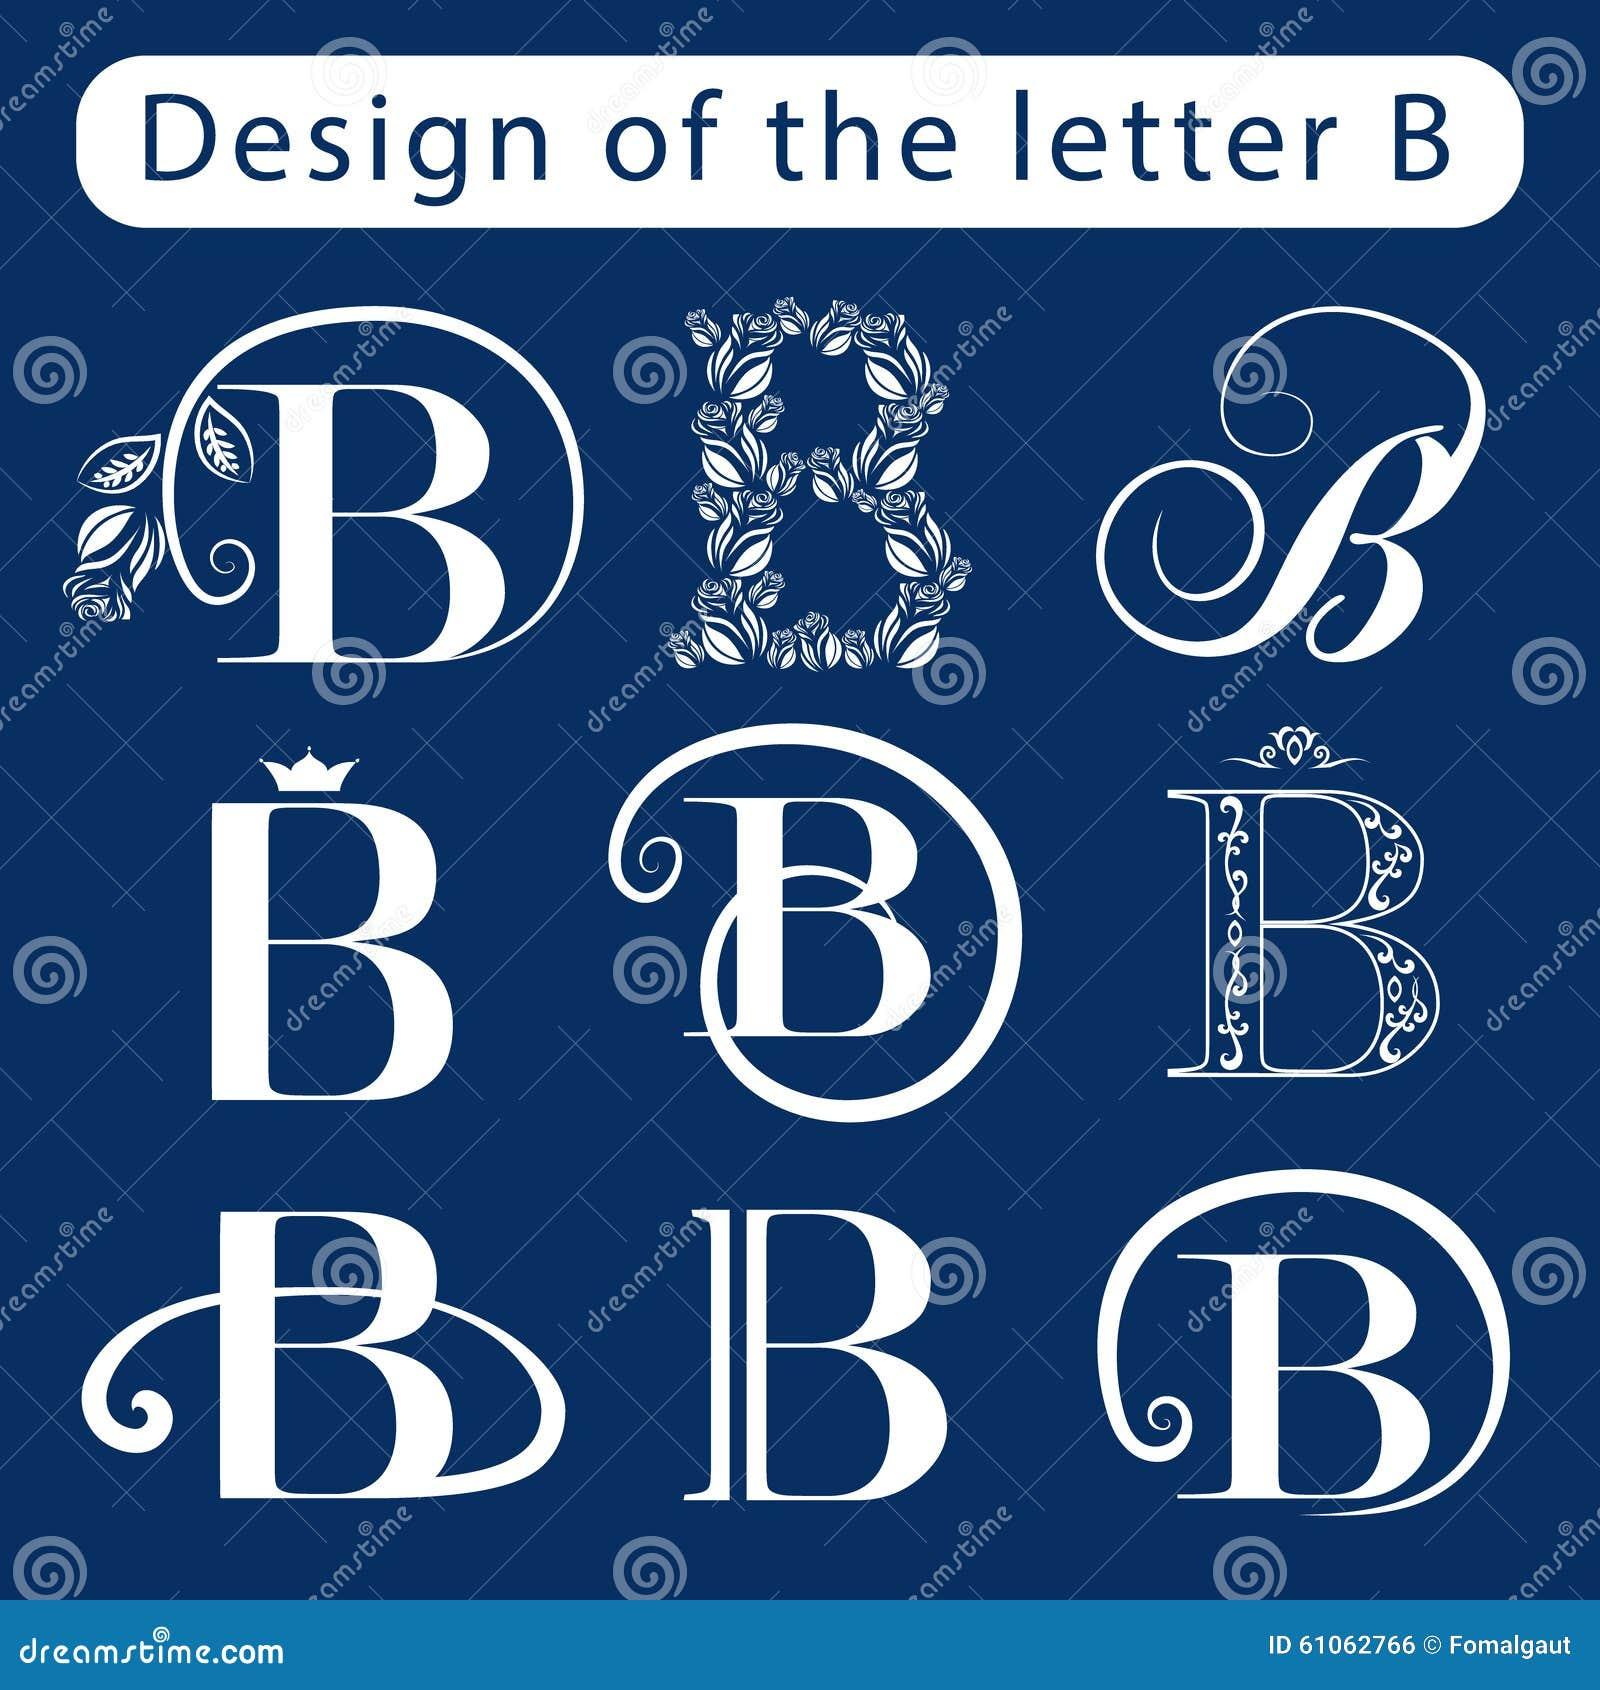 design of the letter b calligraphic elegant line art logo. Black Bedroom Furniture Sets. Home Design Ideas